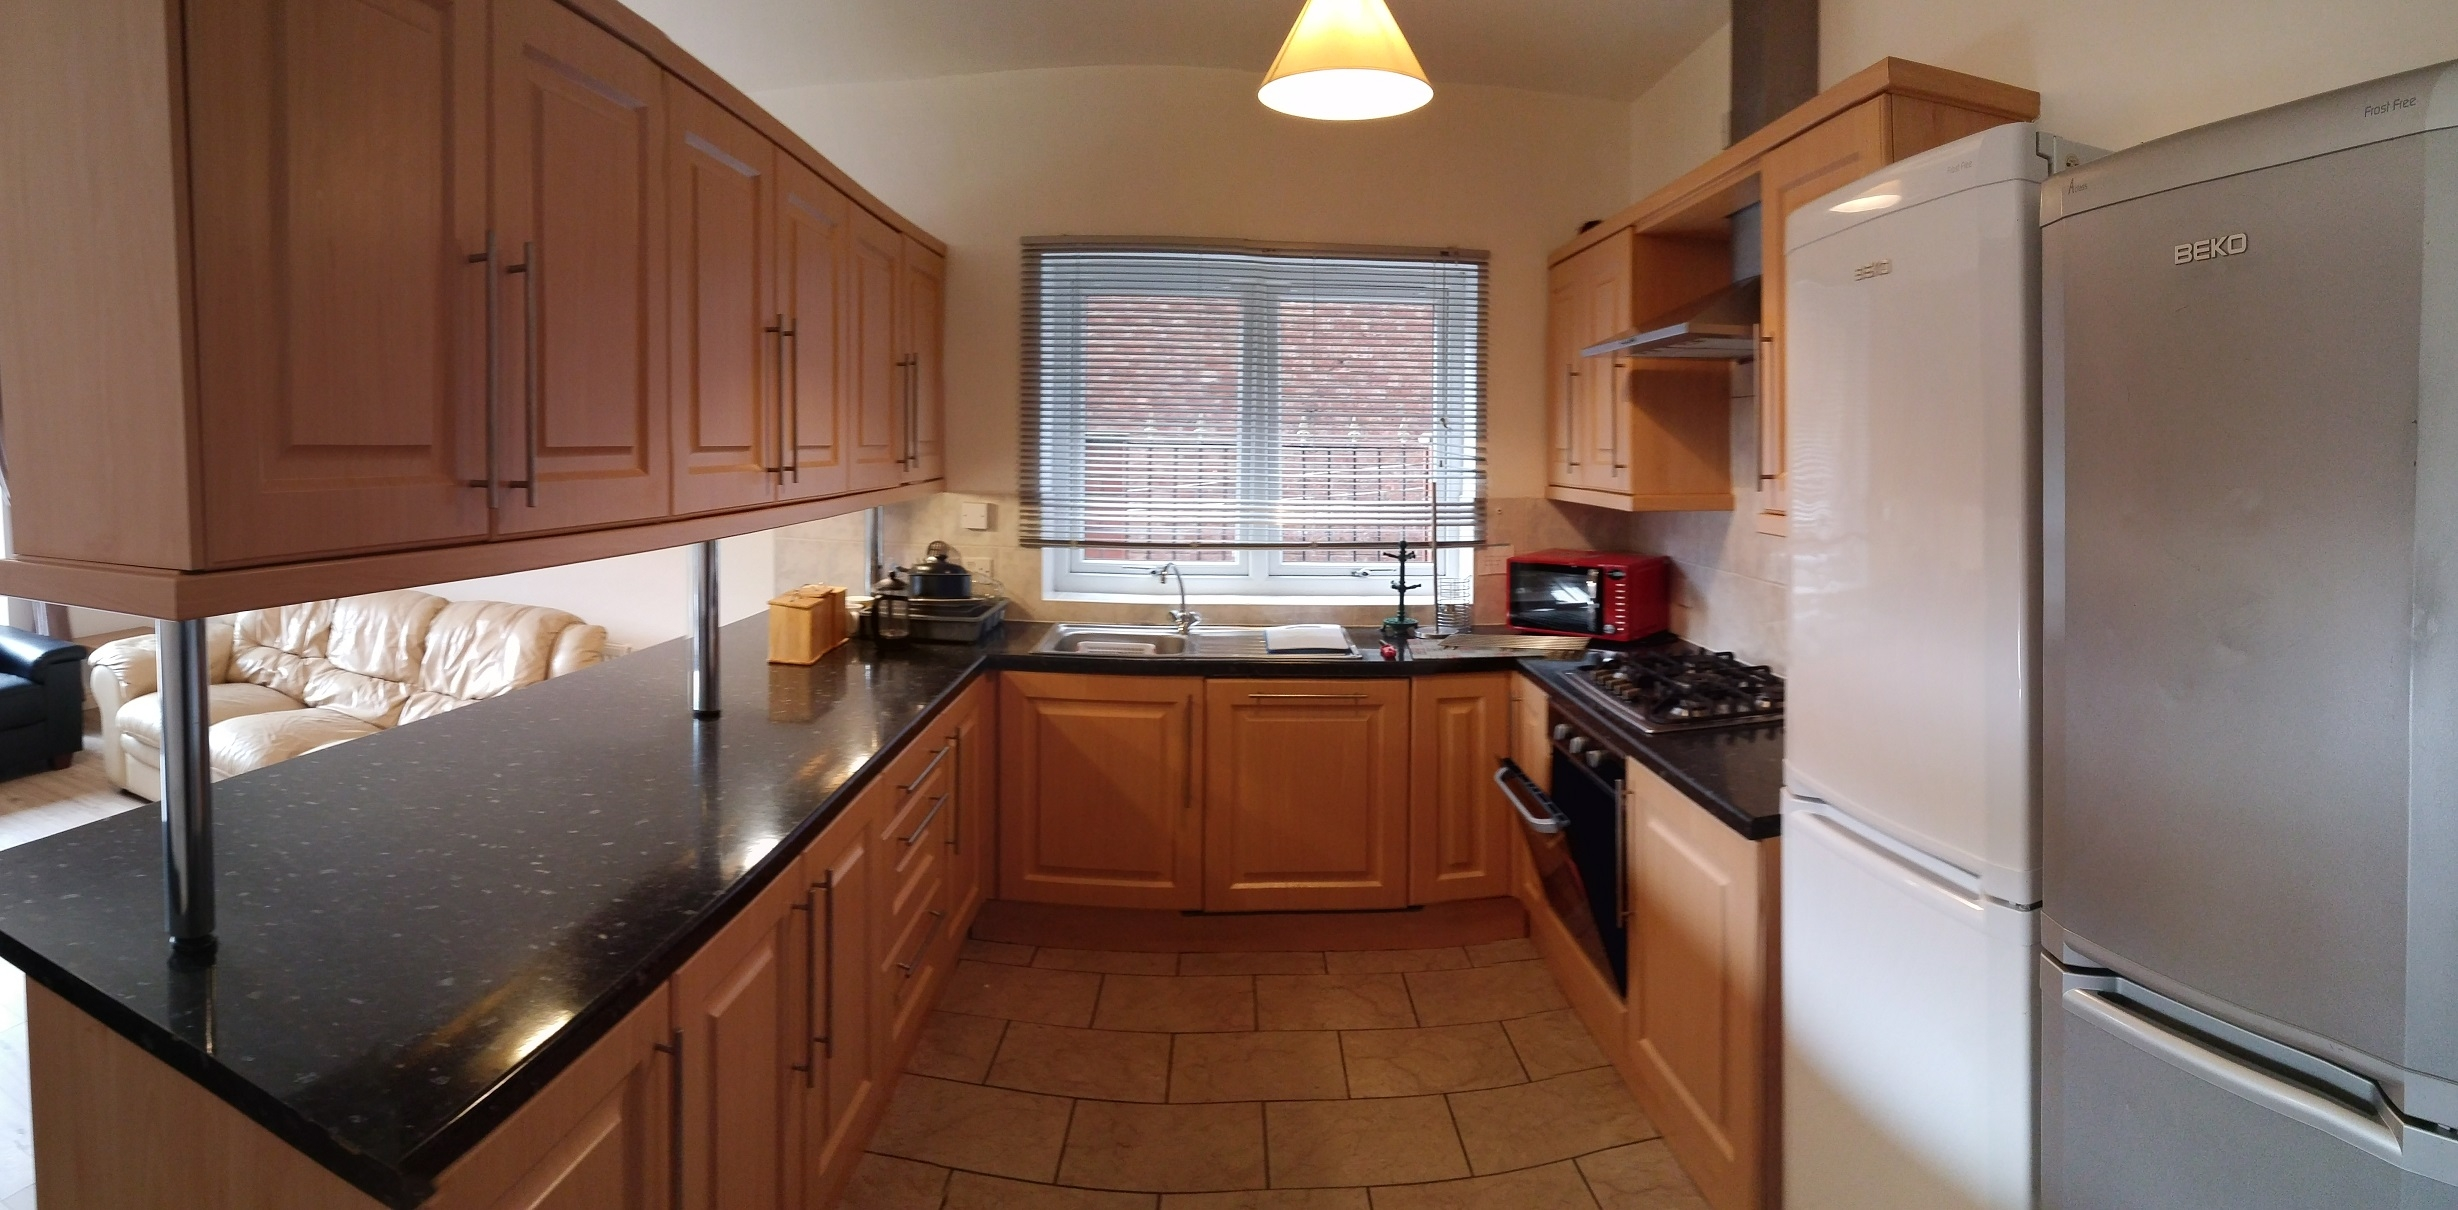 7a abberton kitchen